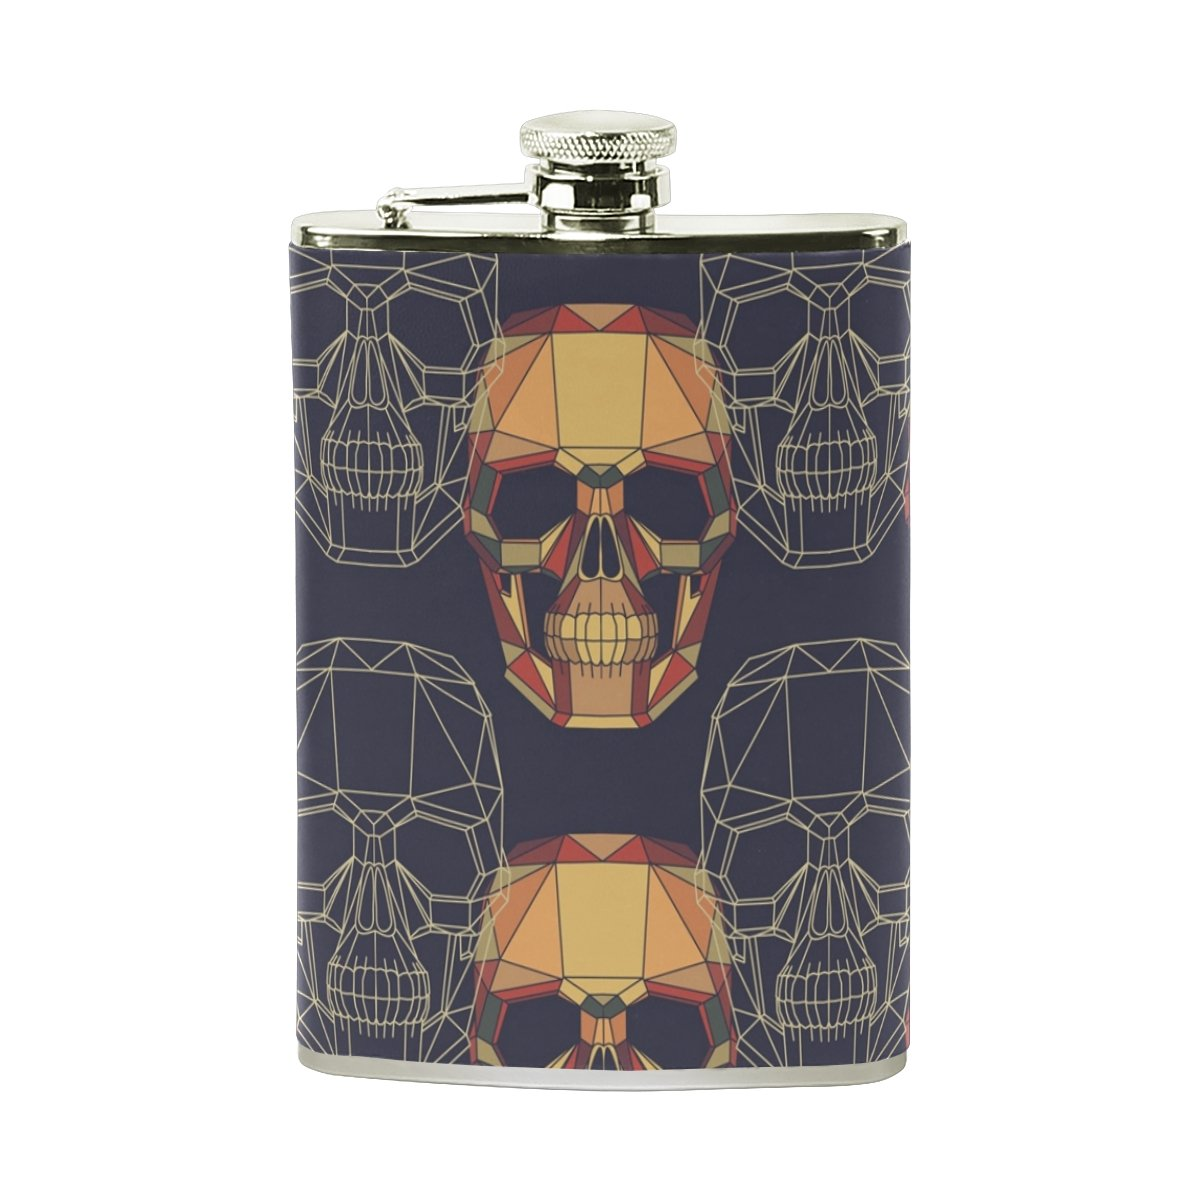 【35%OFF】 Fennenスカルゴースト8オンスステンレス鋼ポケットヒップフラスコボトルセットレザーWrappedと100 % Drinking Leak Proof ForメンズレディースLiquor Shot Drinking % Pattern Skulls Proof B078VRBM62, ケイホクチョウ:f26abc09 --- a0267596.xsph.ru